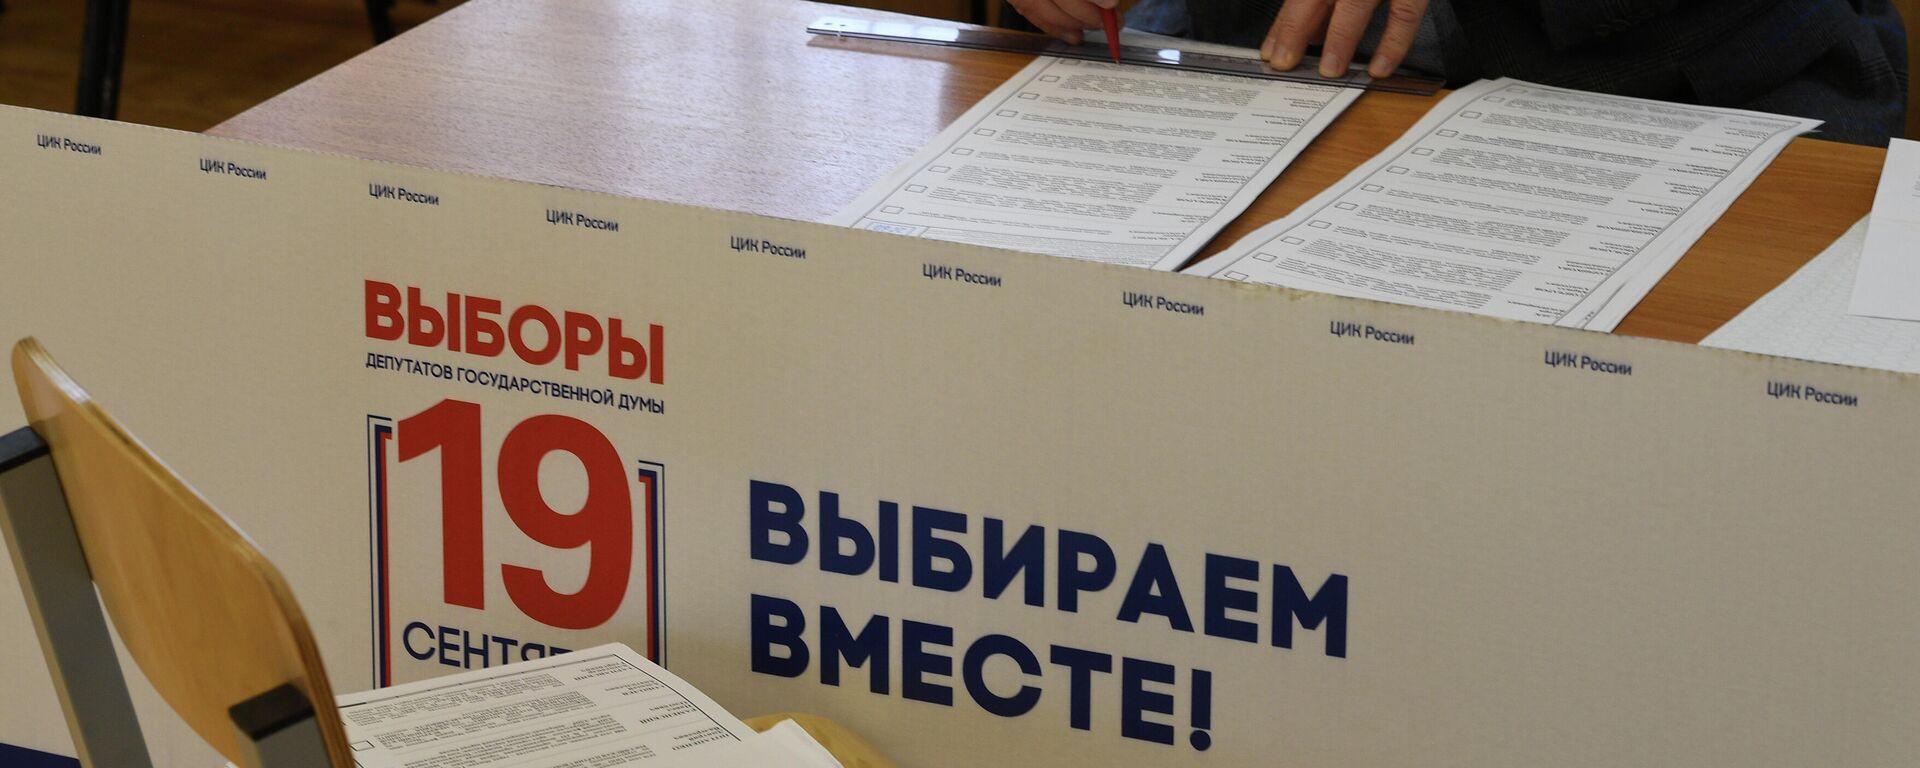 Εκλογές στη Ρωσία - Sputnik Ελλάδα, 1920, 19.09.2021